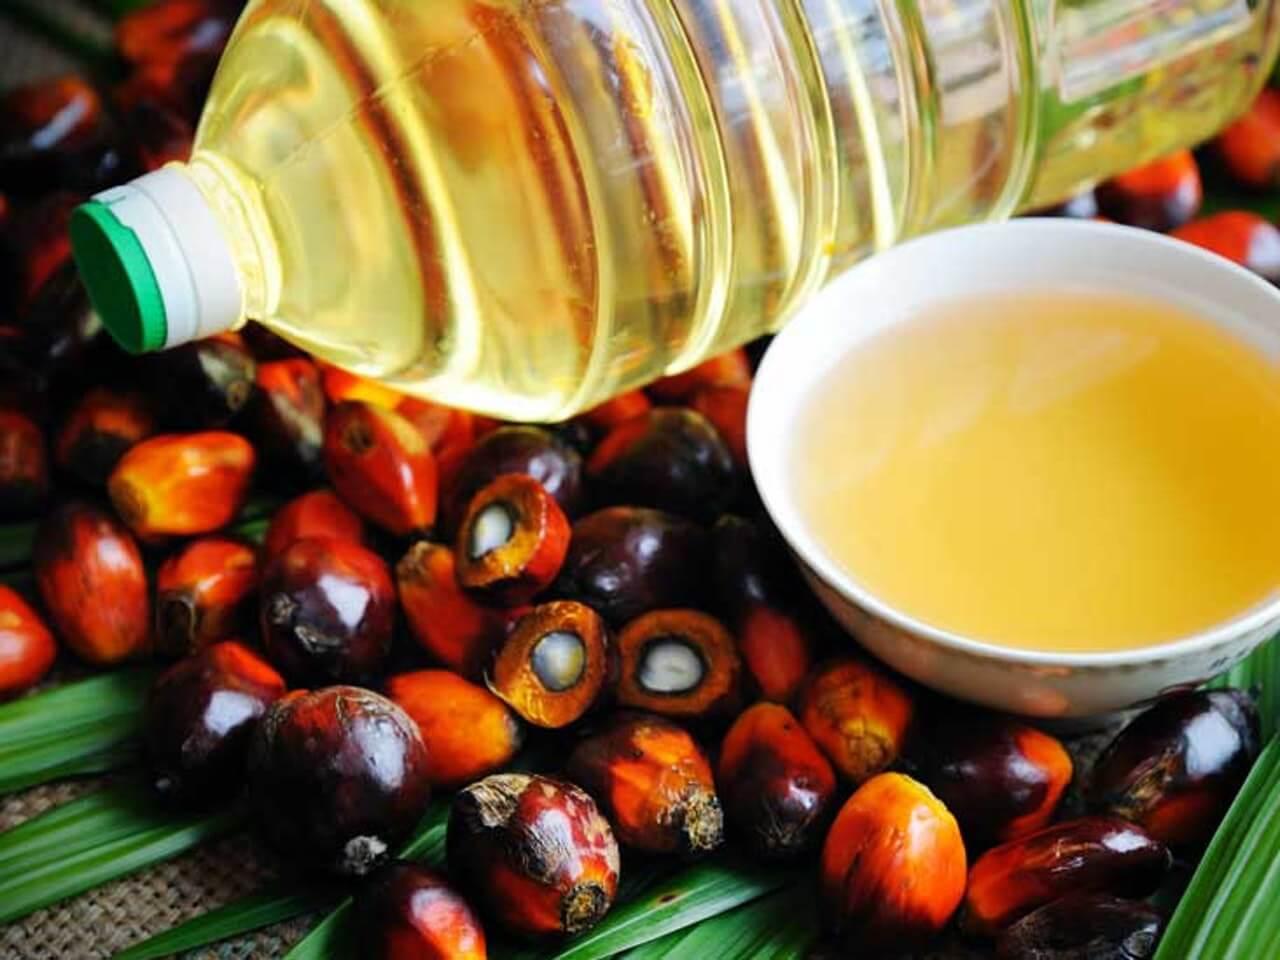 Endonezya AB ile Sorun Yaşadığı Palm Yağı İthalatını DTÖ'ye Taşıyor